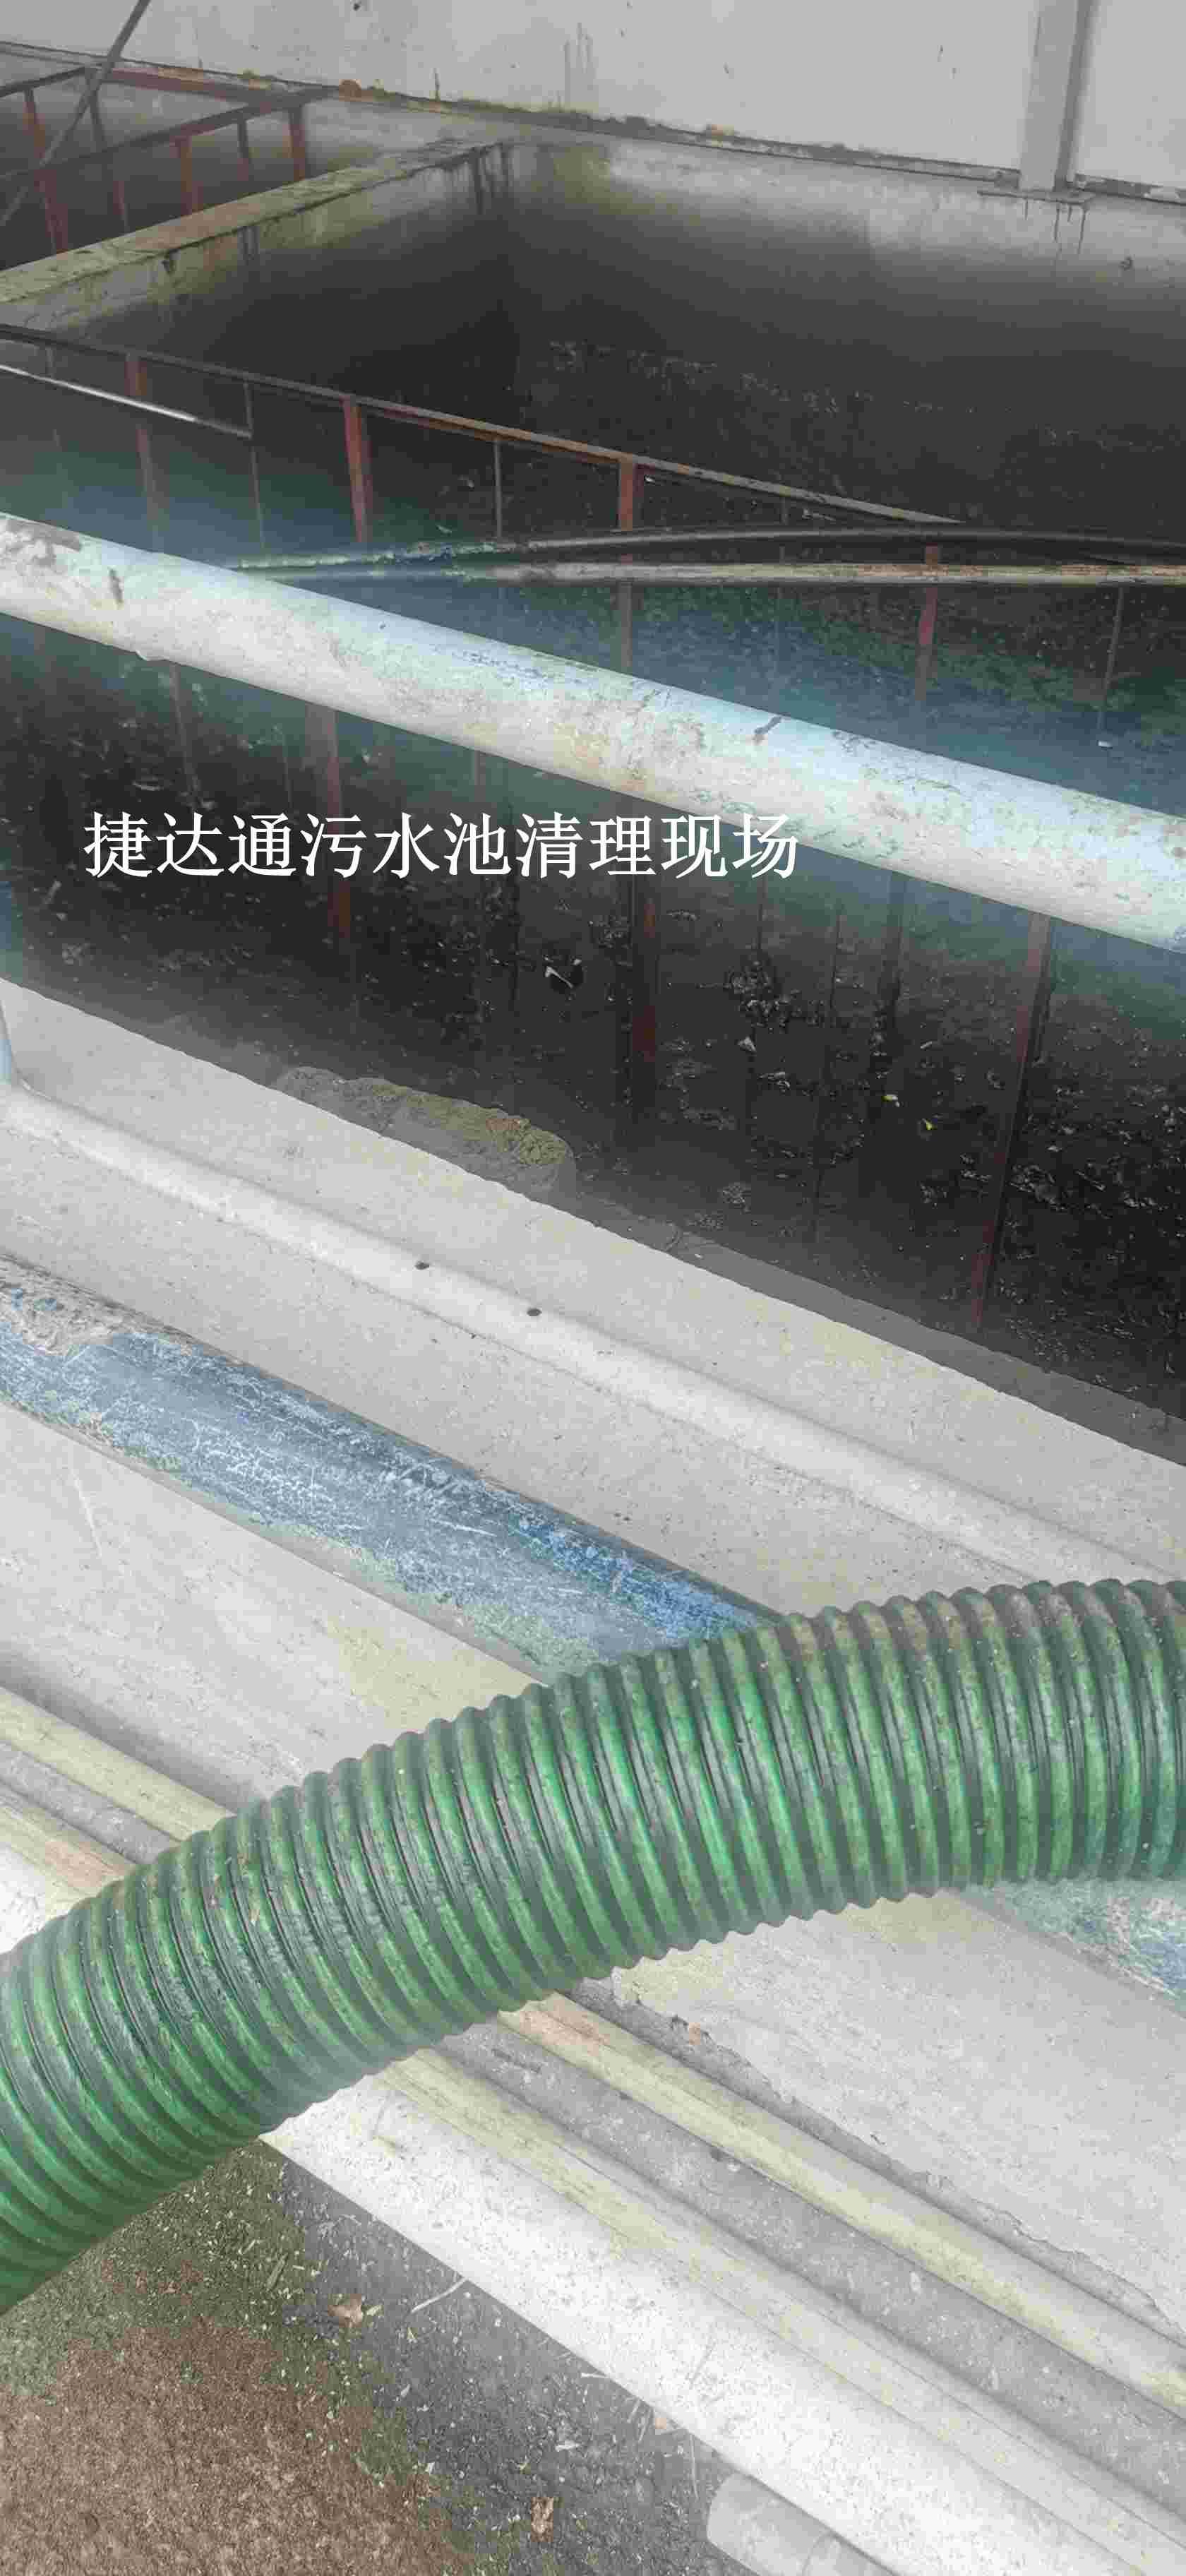 苦干实干+沉淀池清理=宁波市海曙区+安全可靠